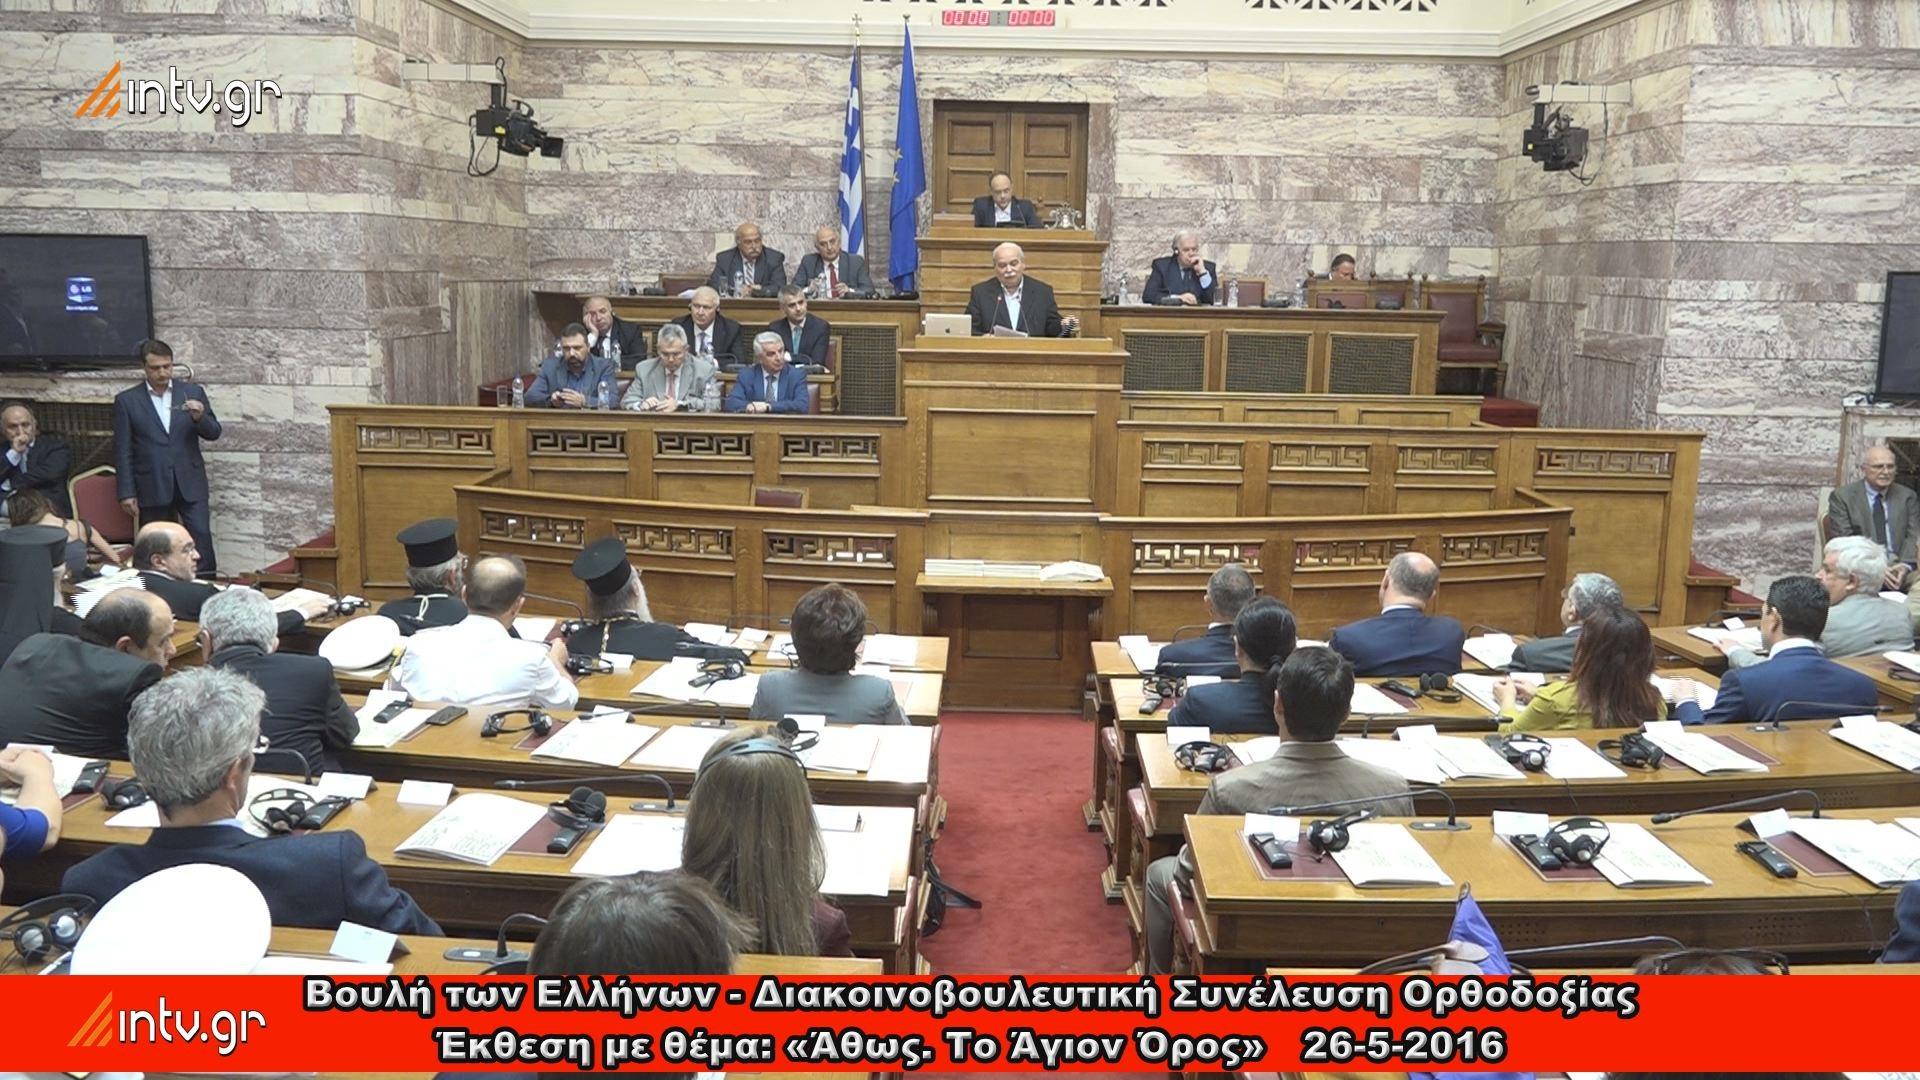 Βουλή των Ελλήνων - Διακοινοβουλευτική Συνέλευση Ορθοδοξίας Έκθεση με θέμα: «Άθως. Το Άγιον Όρος»